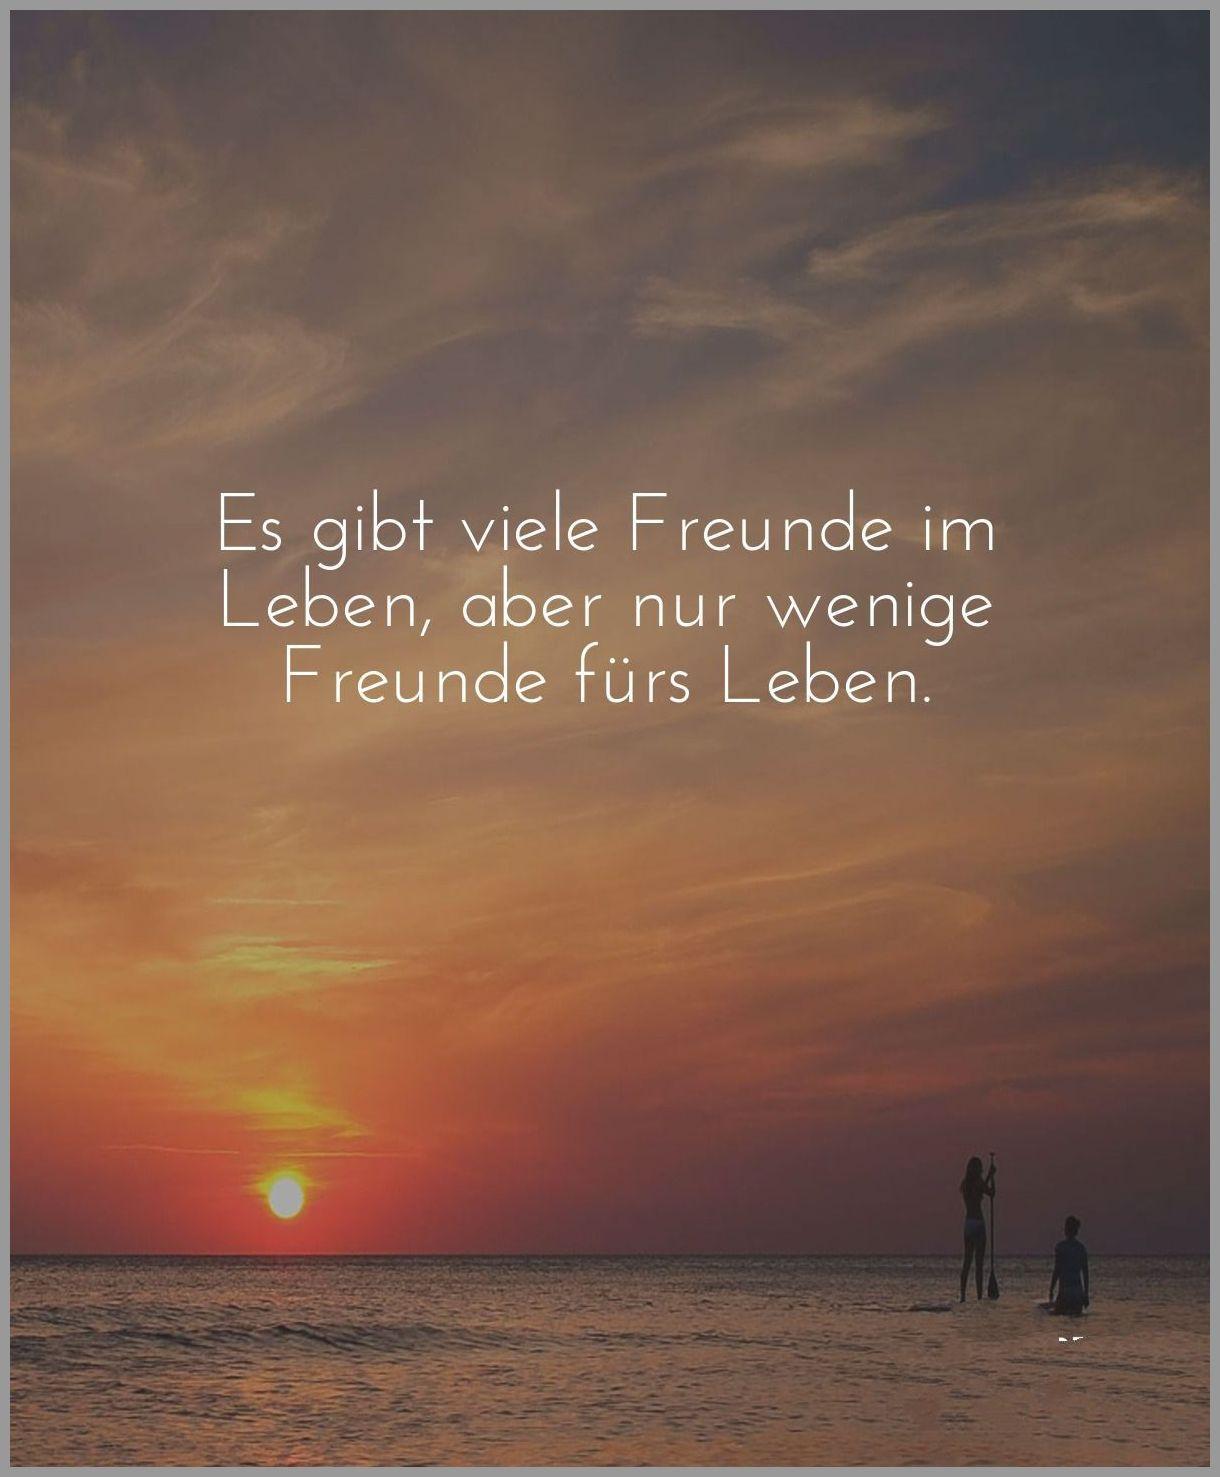 Es gibt viele freunde im leben aber nur wenige freunde fuers leben - Es gibt viele freunde im leben aber nur wenige freunde fuers leben